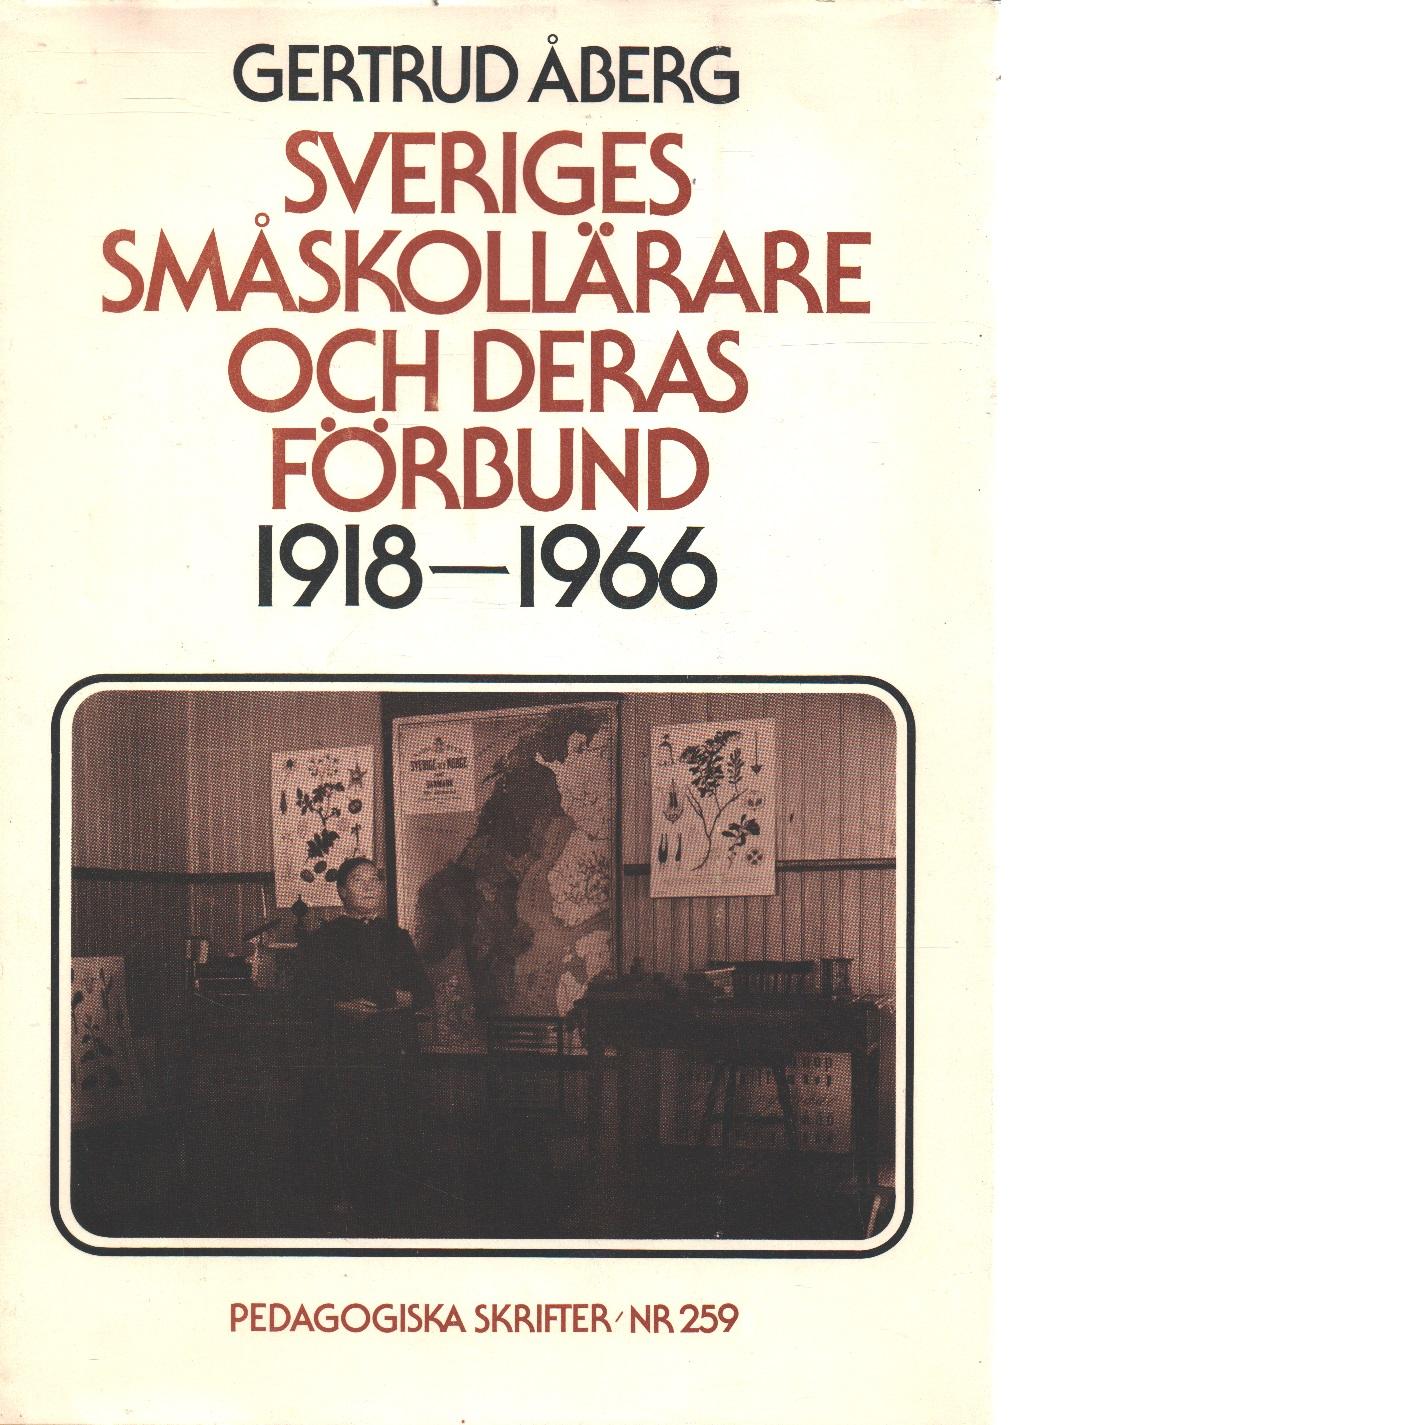 Sveriges småskollärare och deras förbund 1918-1966 - Åberg, Gertrud